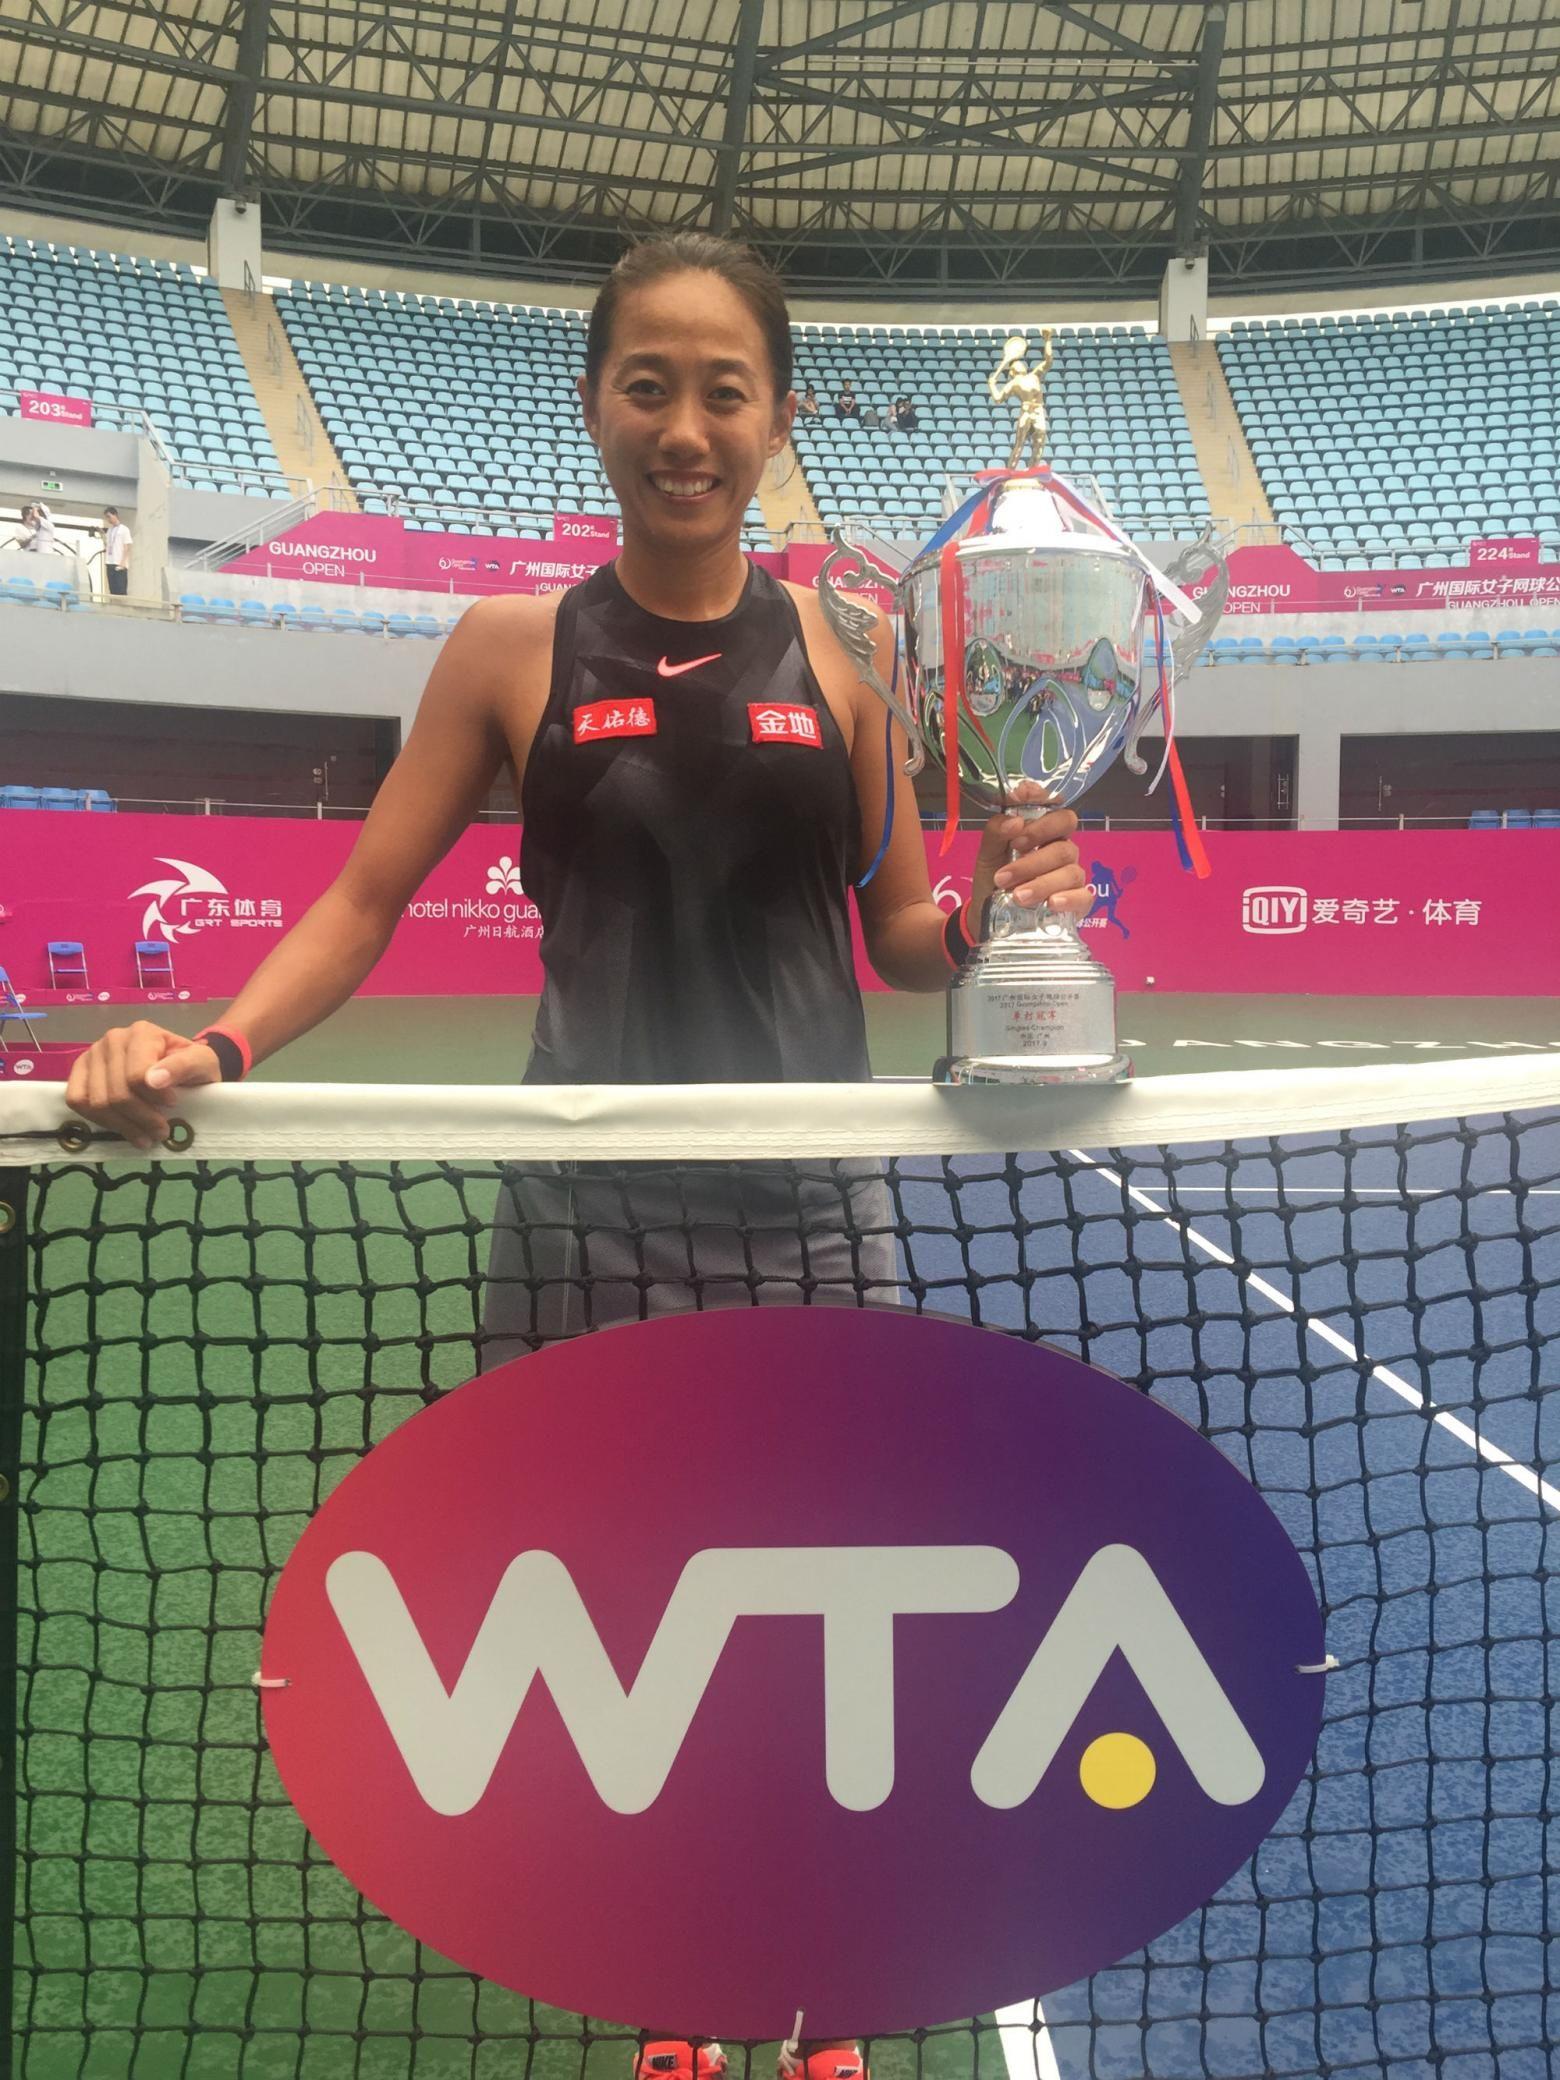 Zhang Shuai With The Guangzhou International Women S Open Trophy Xu Yanyan Guangzhou Crowd Battle